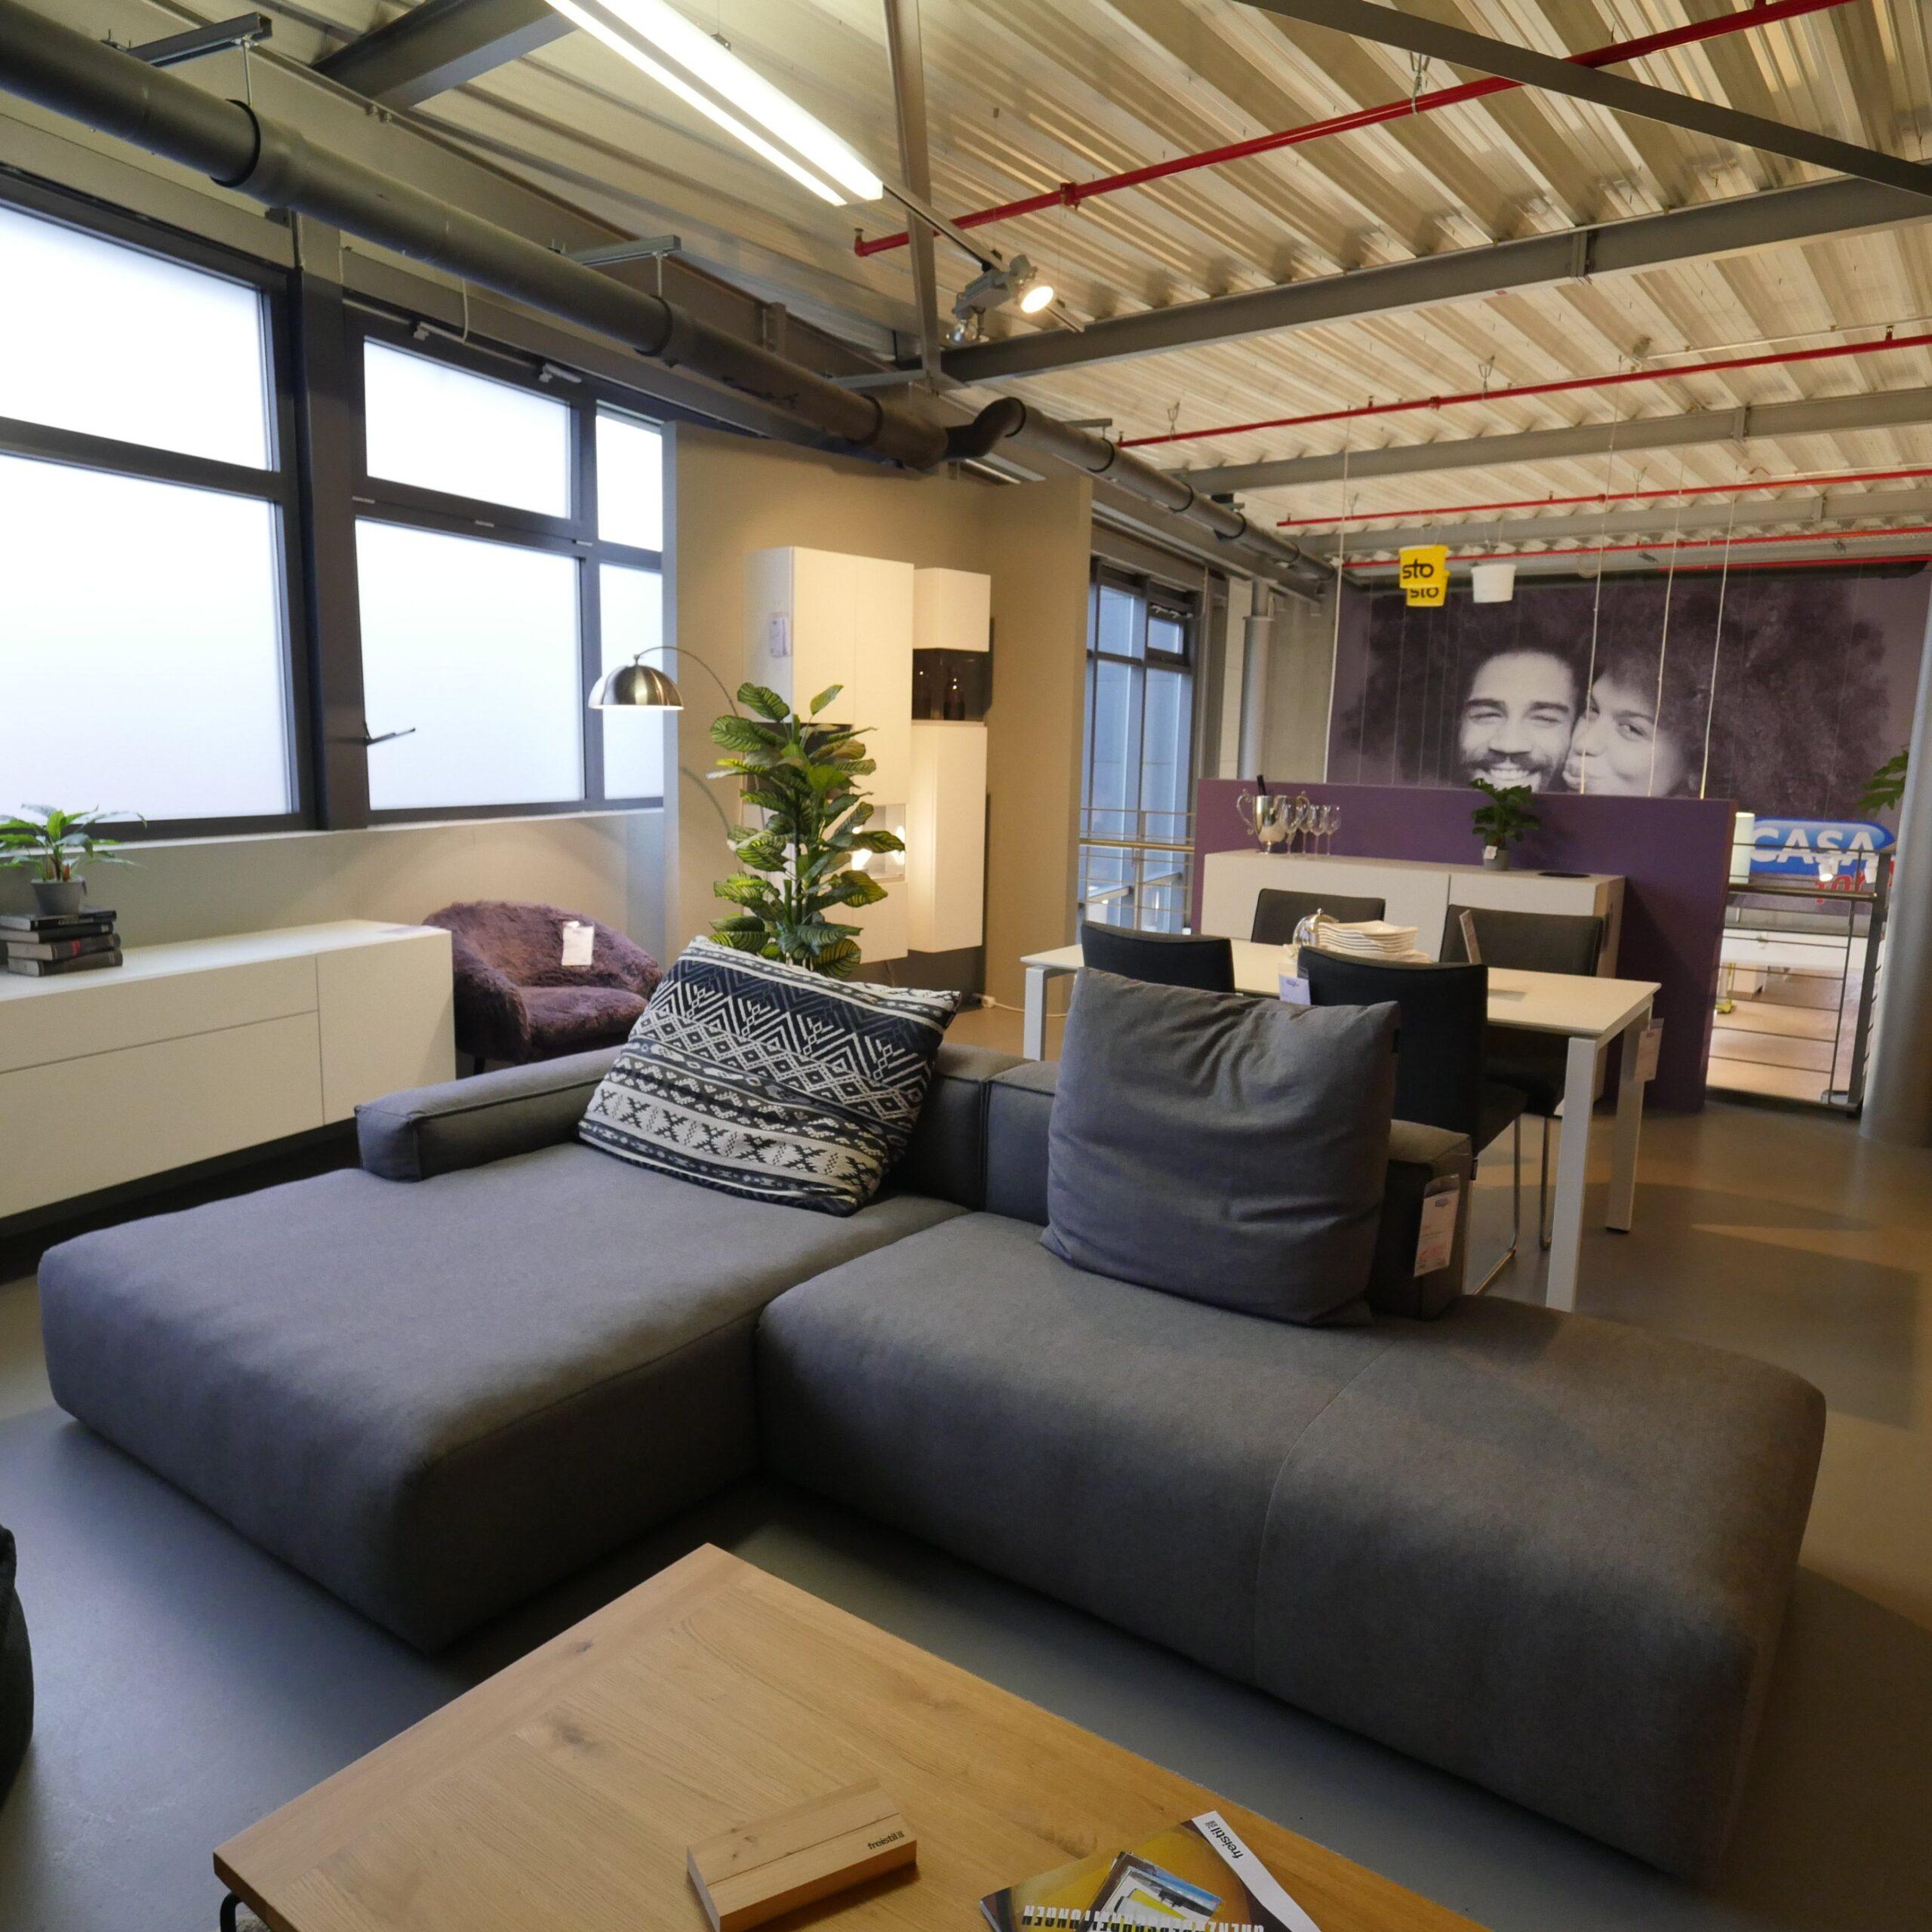 Full Size of Freistil By Rolf Benz 175 Elementgruppe Sofa Küche Ausstellungsstück Bett Wohnzimmer Freistil Ausstellungsstück